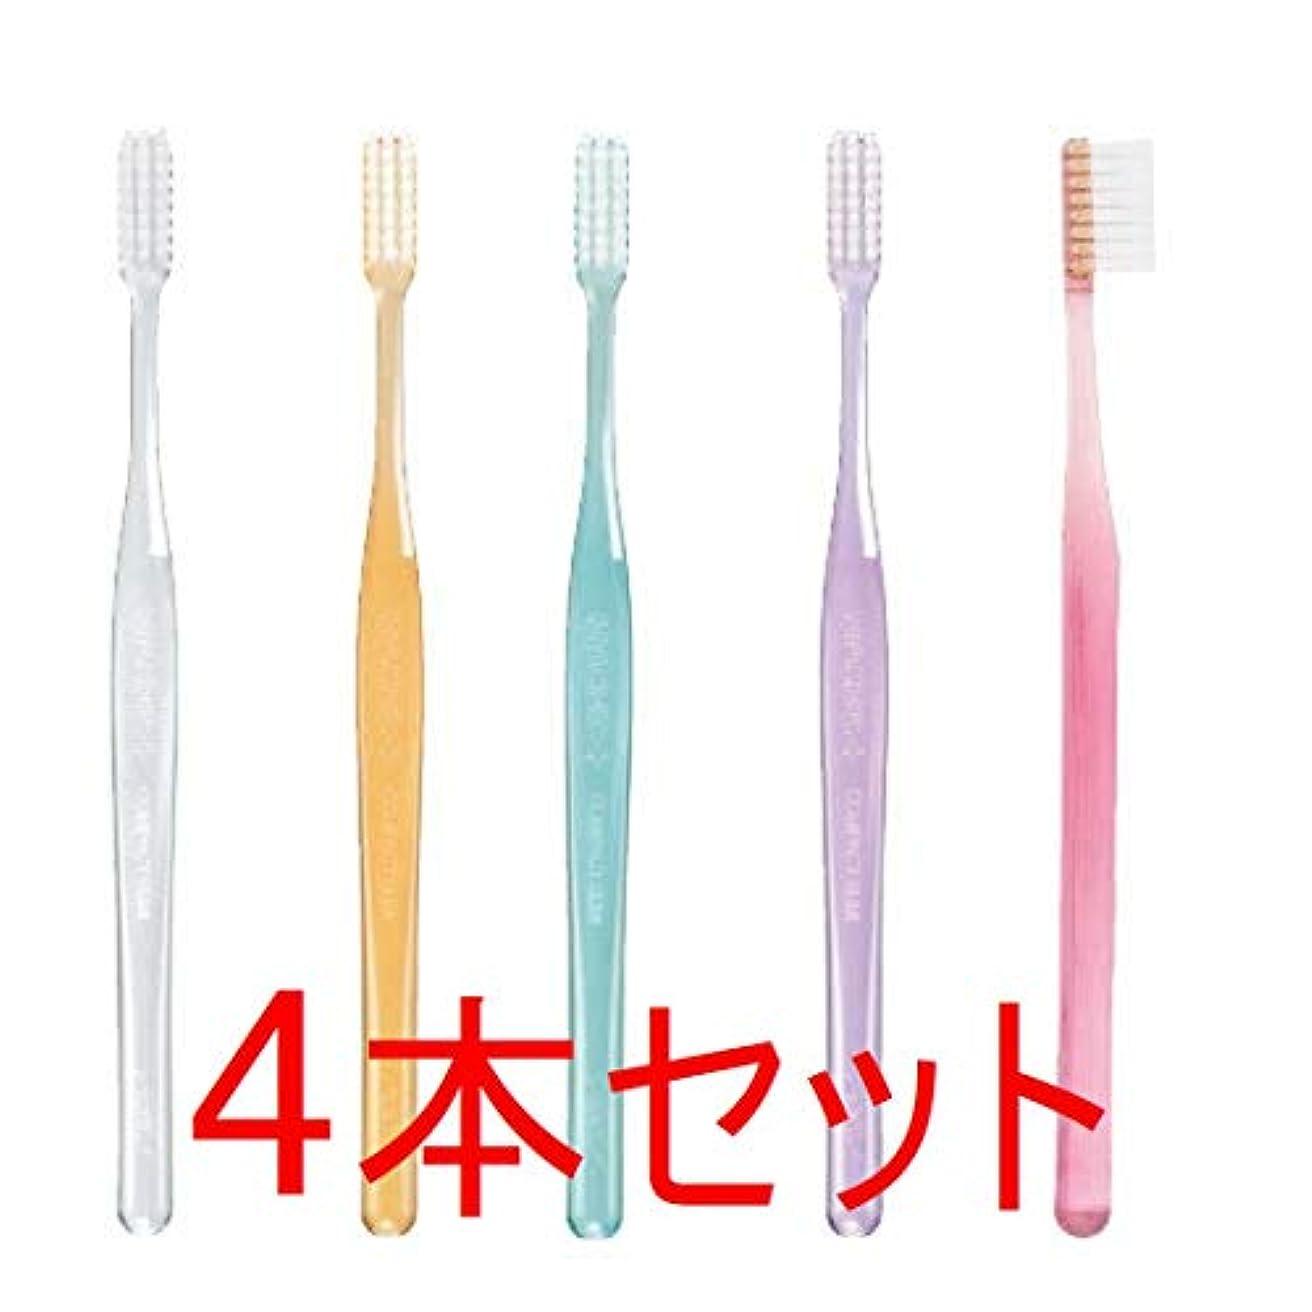 私たちそして意気揚々GC プロスペック 歯ブラシ プラス コンパクトスリム 4本 クリアー色 (M(ふつう), おまかせ)